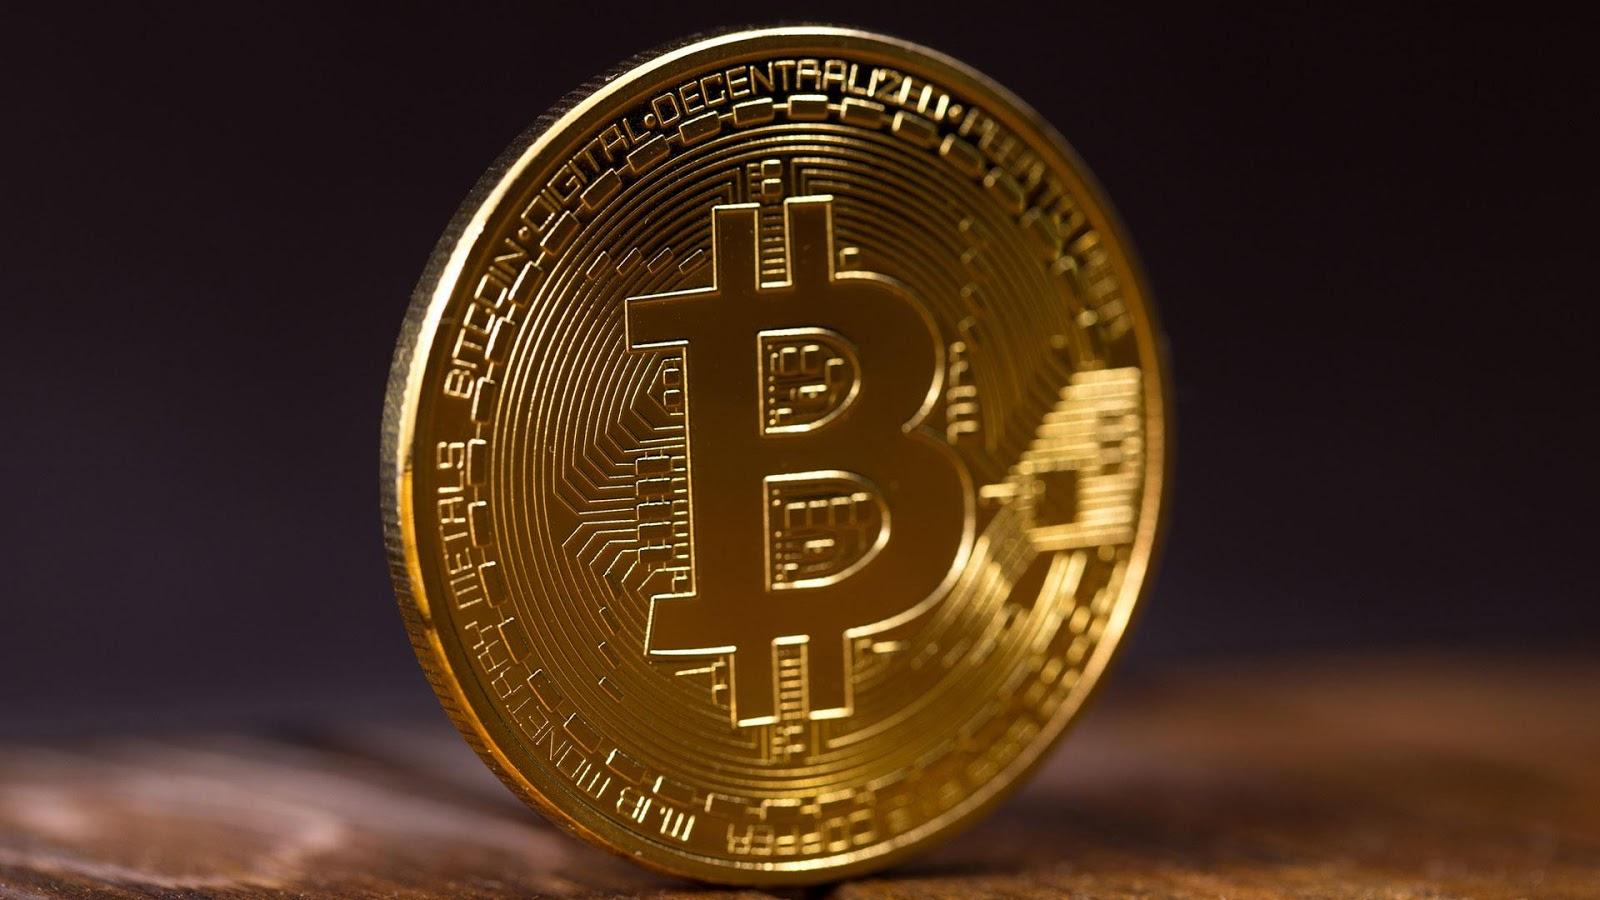 Bitcoin Computer Hd Wallpaper 62351 1600x900px